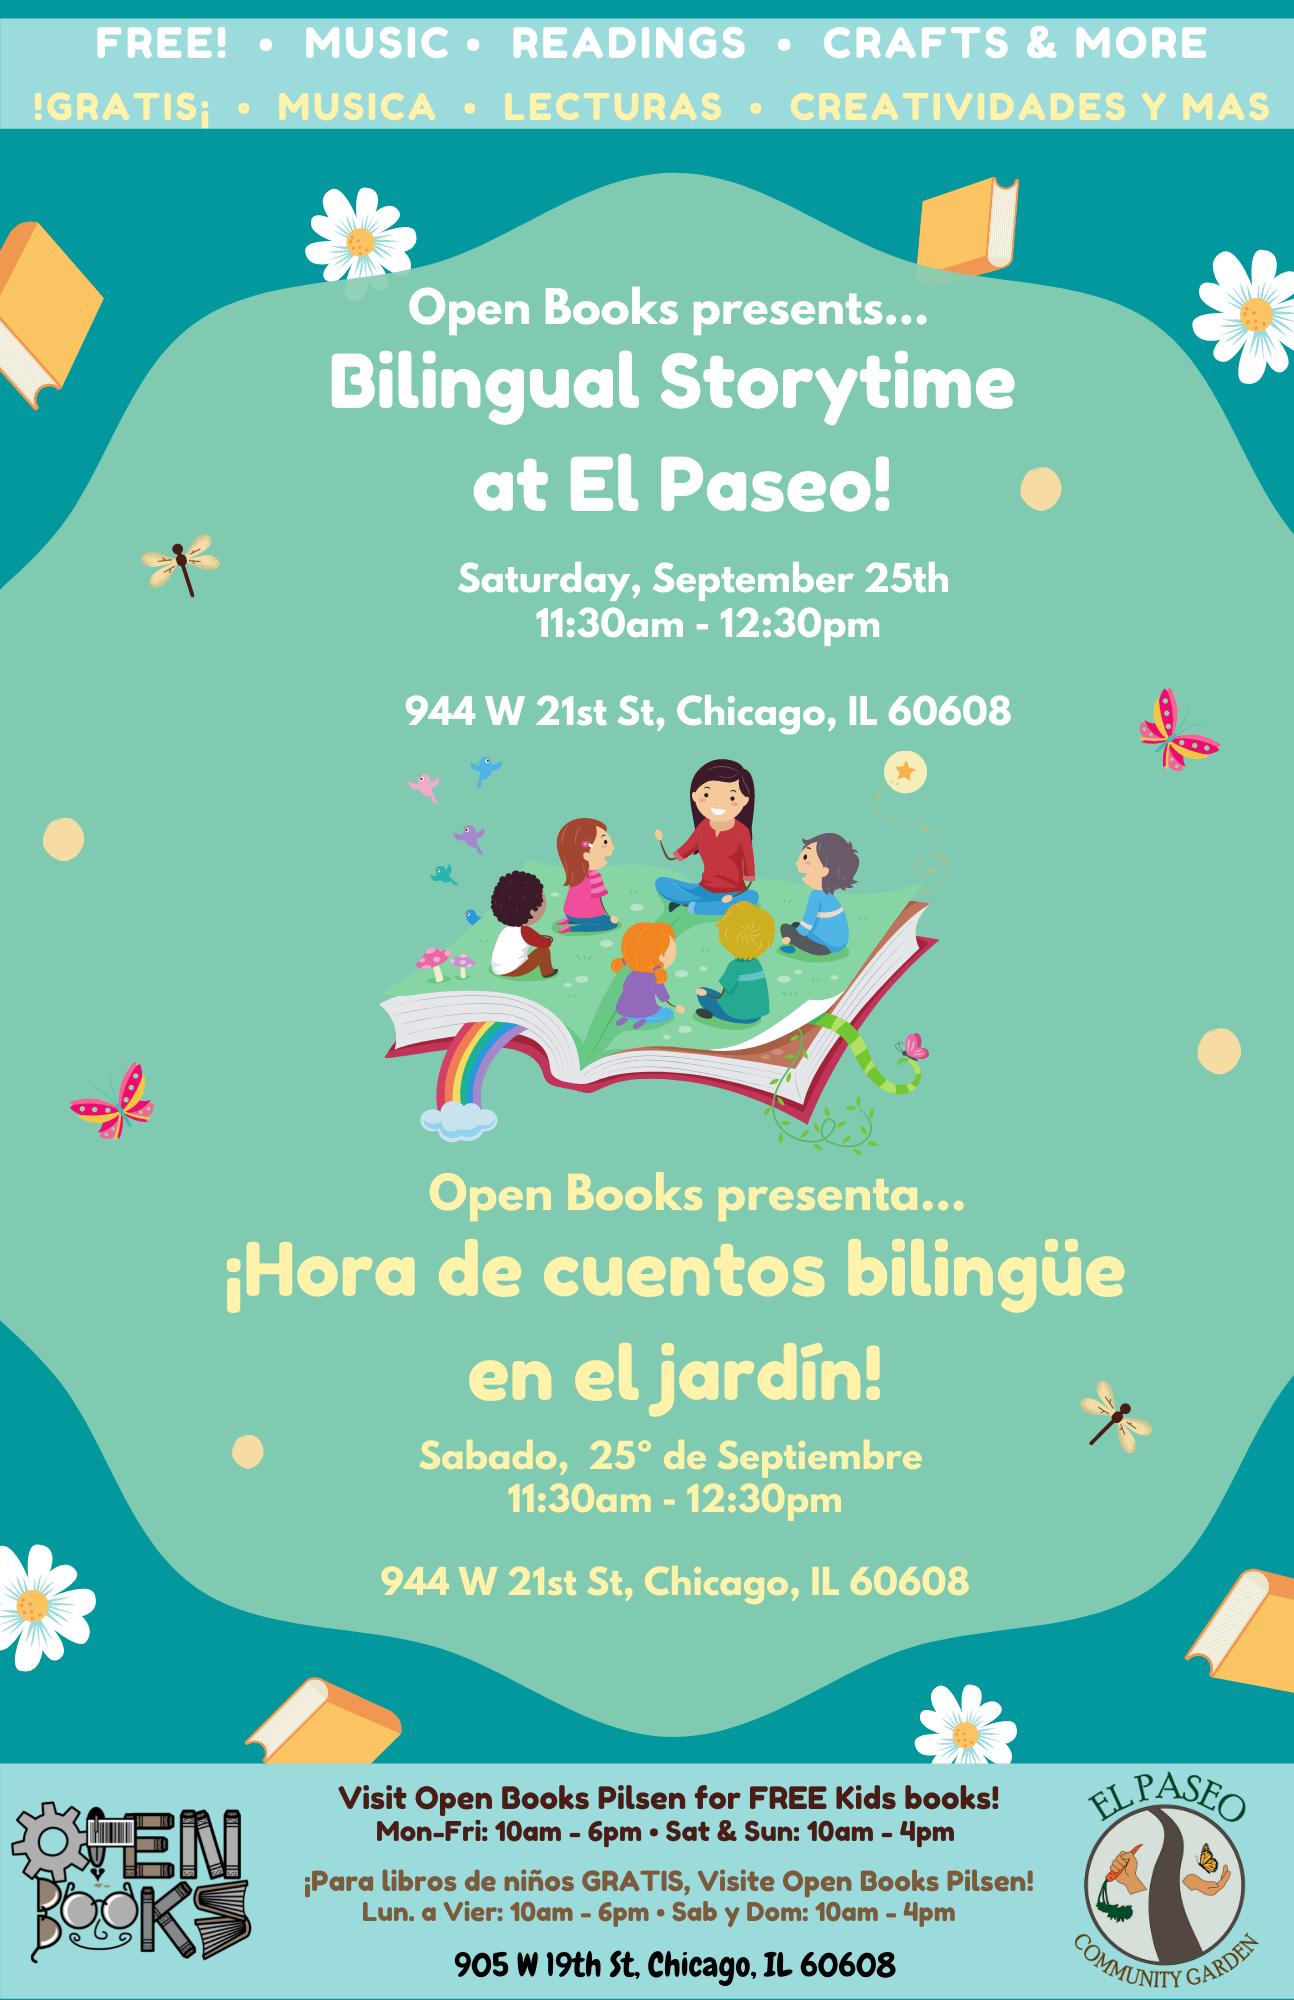 Bilingual Storytime at El Paseo